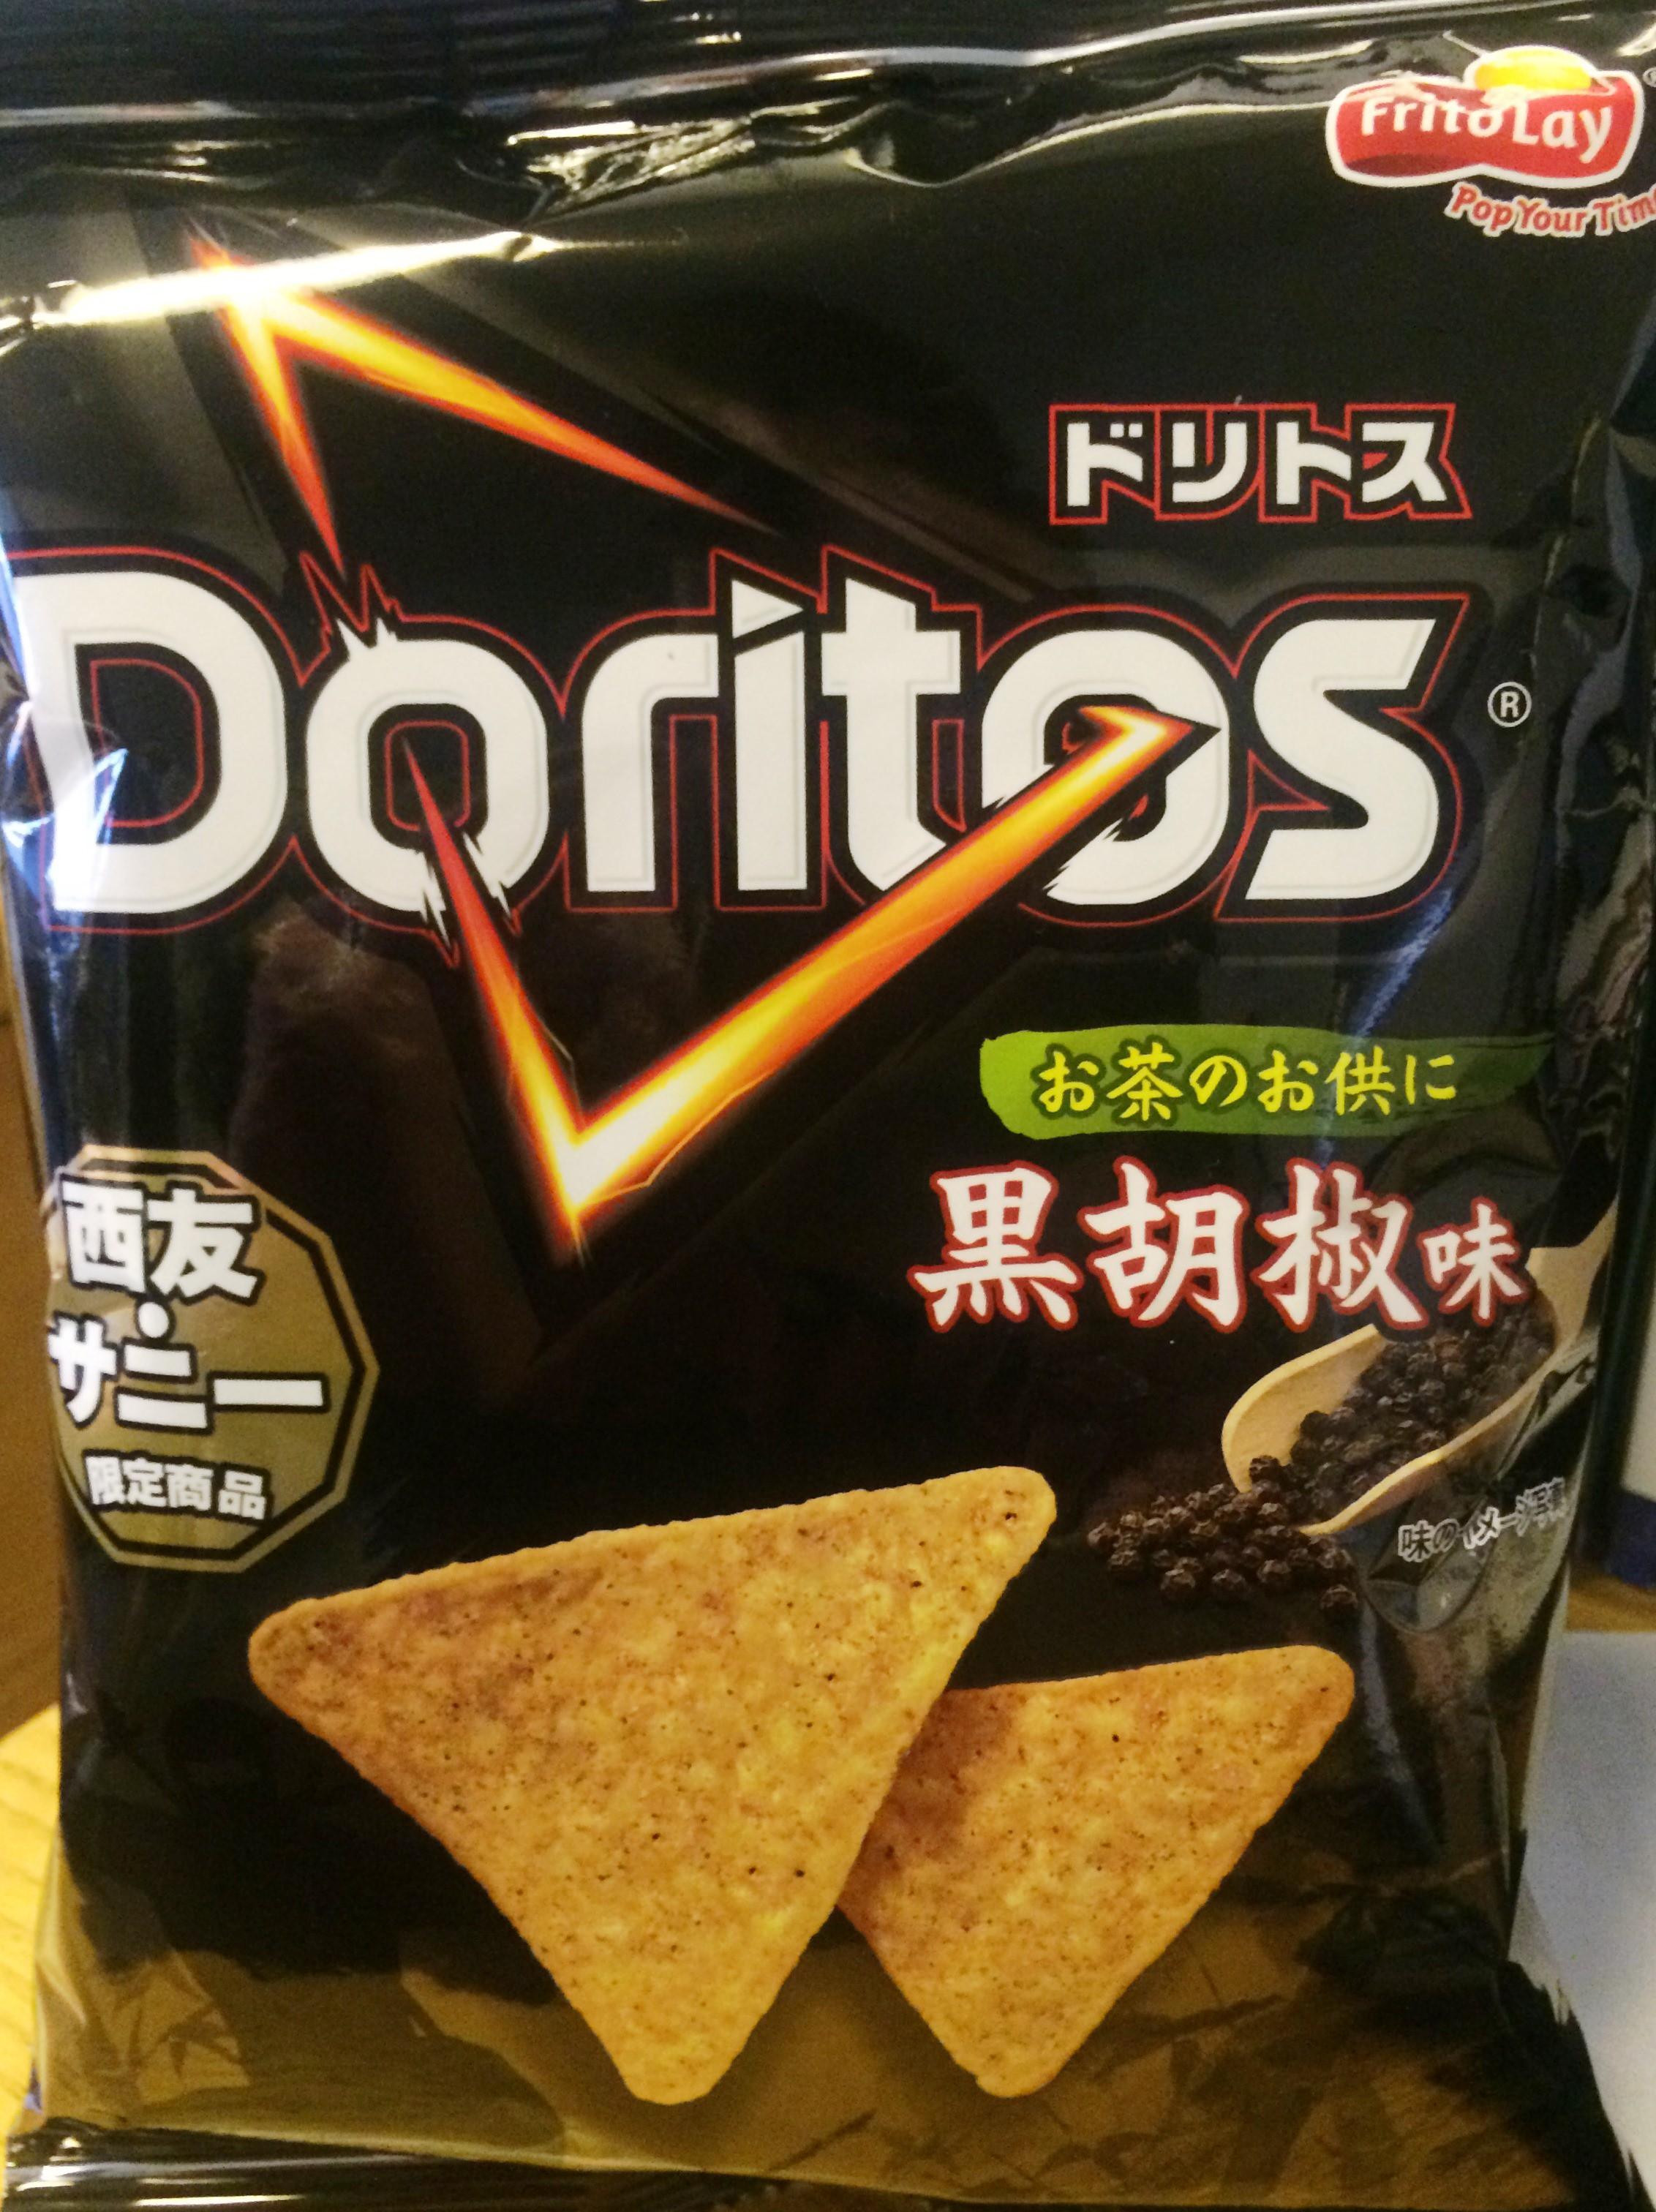 review  doritos  u2013 black pepper  japan